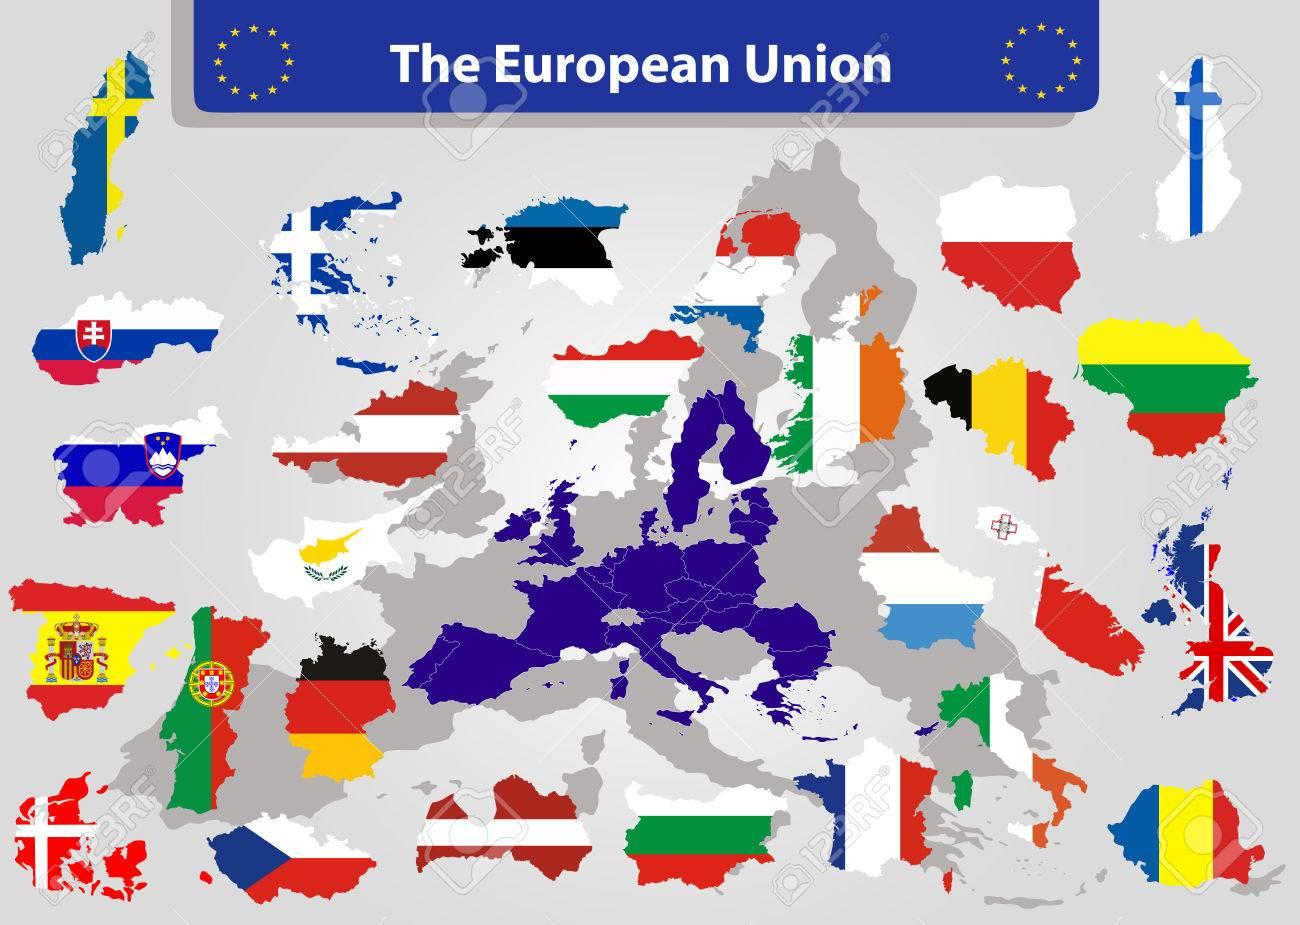 La Carte De L'union Européenne Et Tous Les Pays Drapeaux Des Pays Membres  De L'union Européenne Superposées Sur Fond De Carte destiné La Carte De L Union Européenne